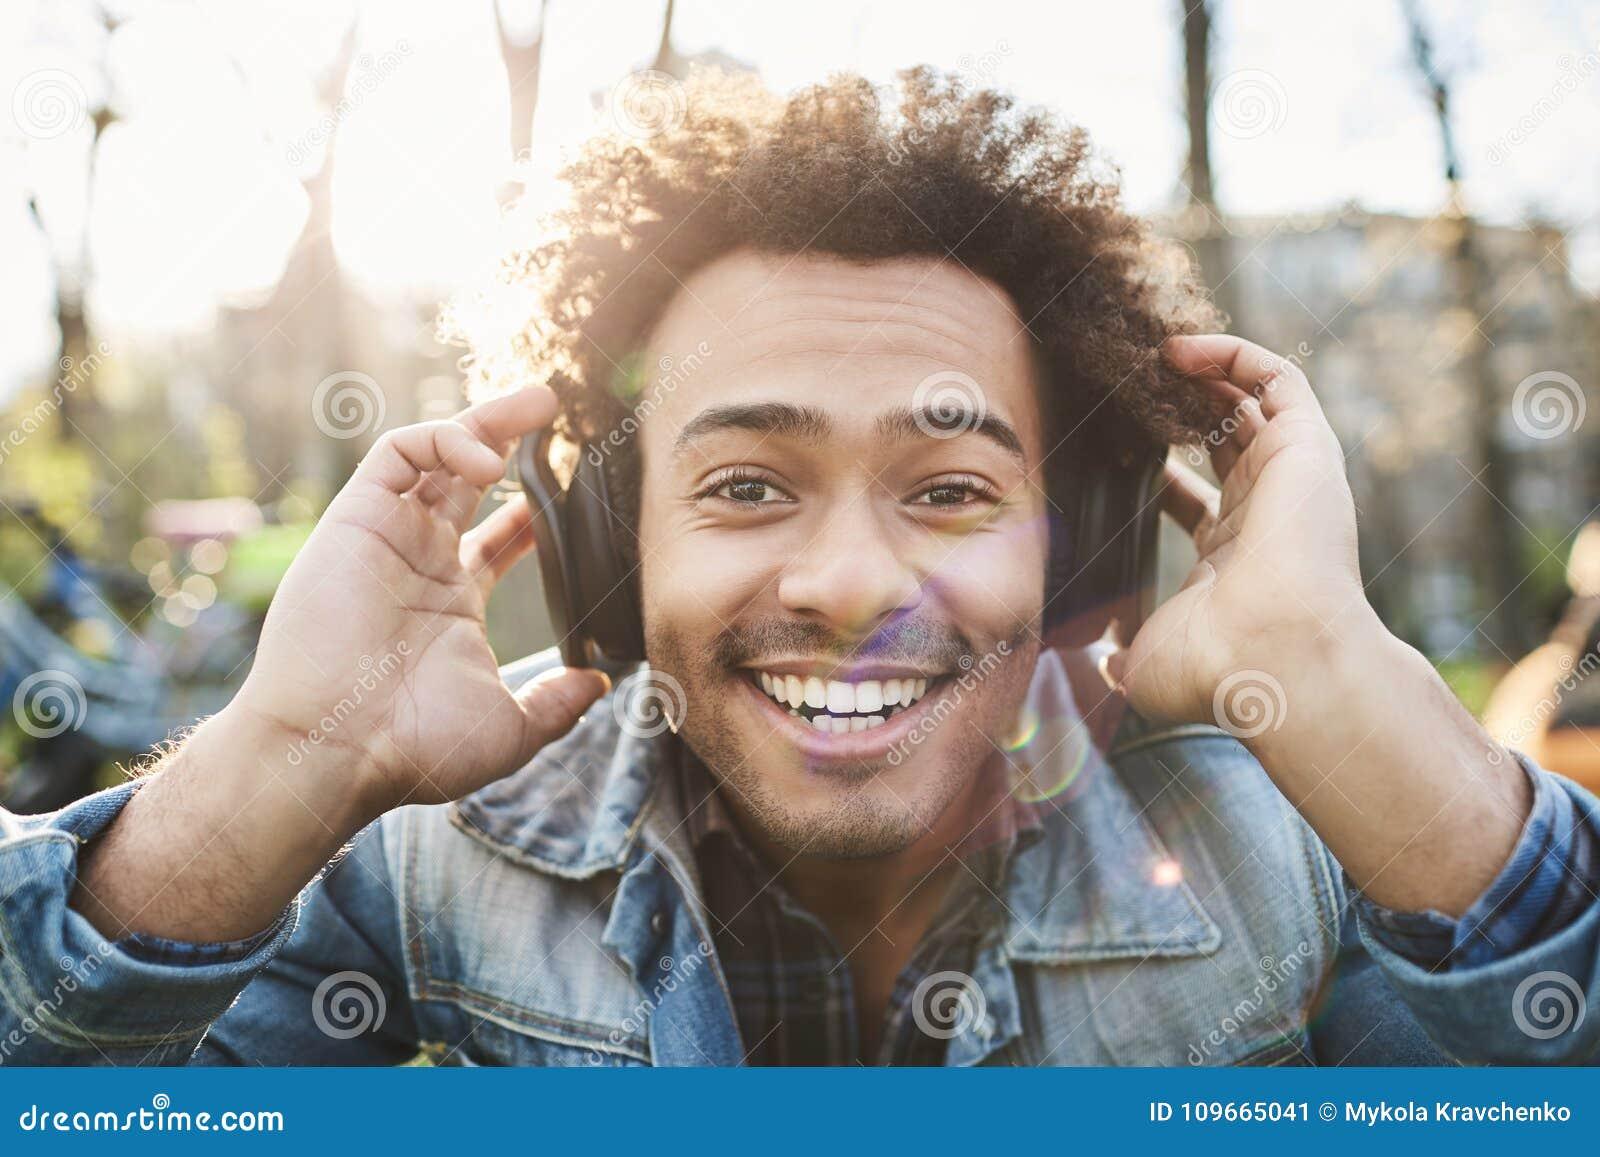 Stående av den positiva vuxna mörkhyade mannen som i huvudsak ler, medan sitta in parkera som lyssnar till musik i hörlurar och